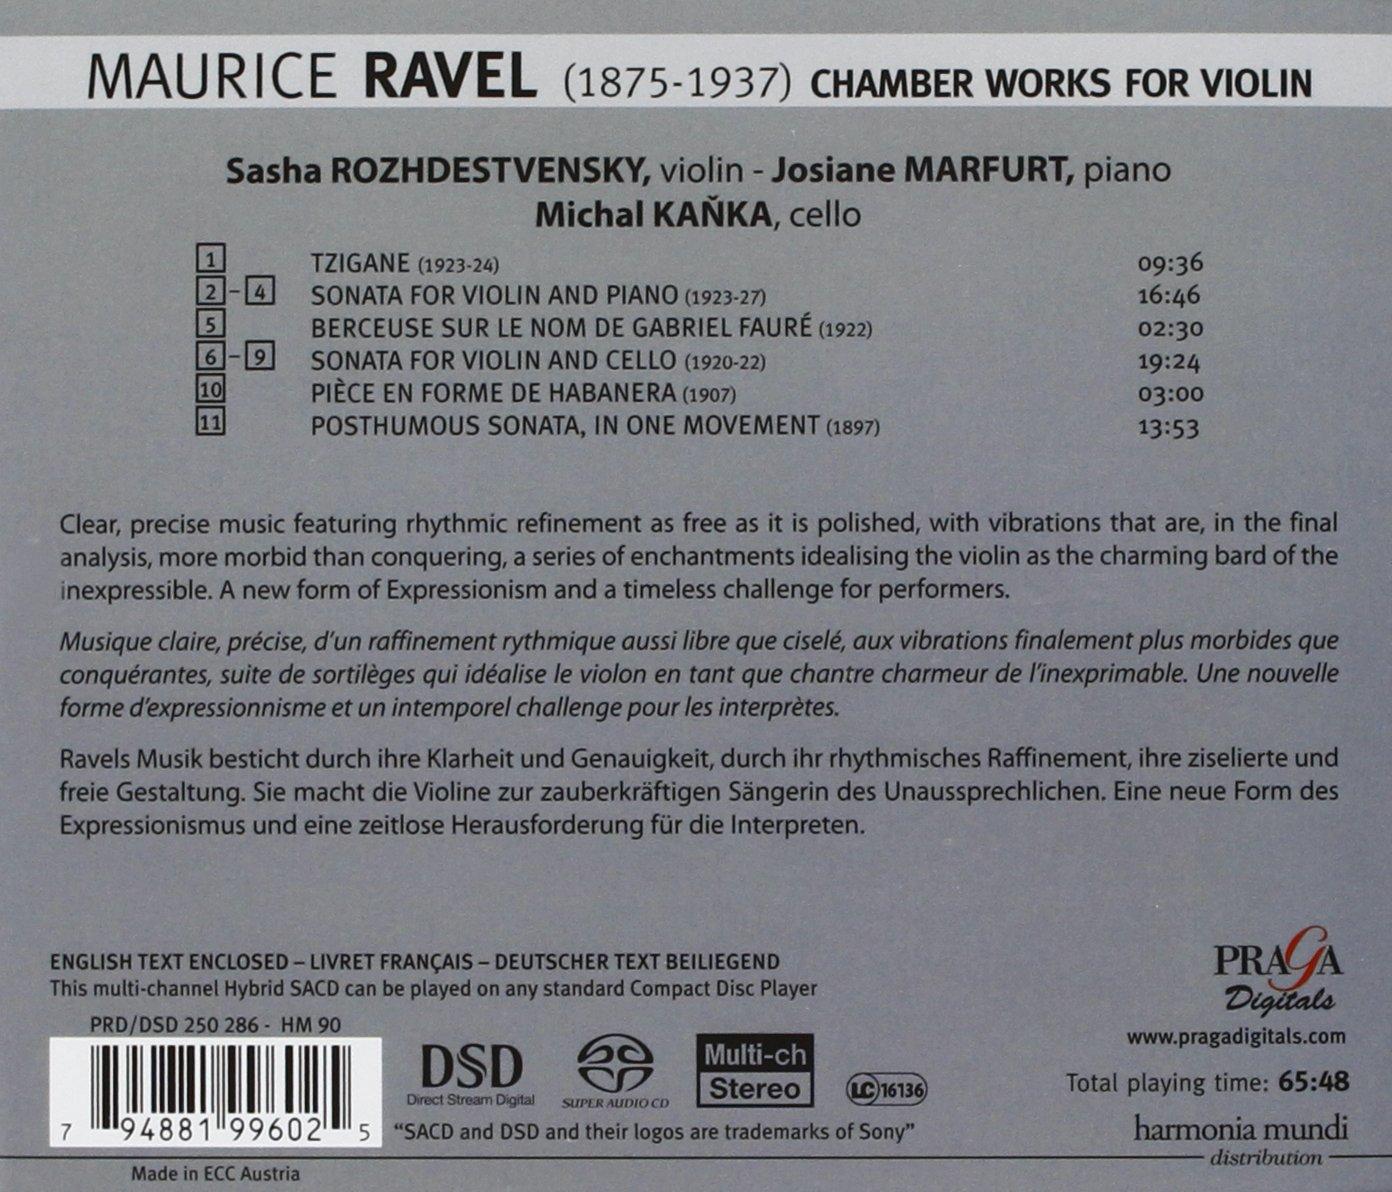 Ravel musique de chambre - Page 2 81658elcfOL._SL1392_